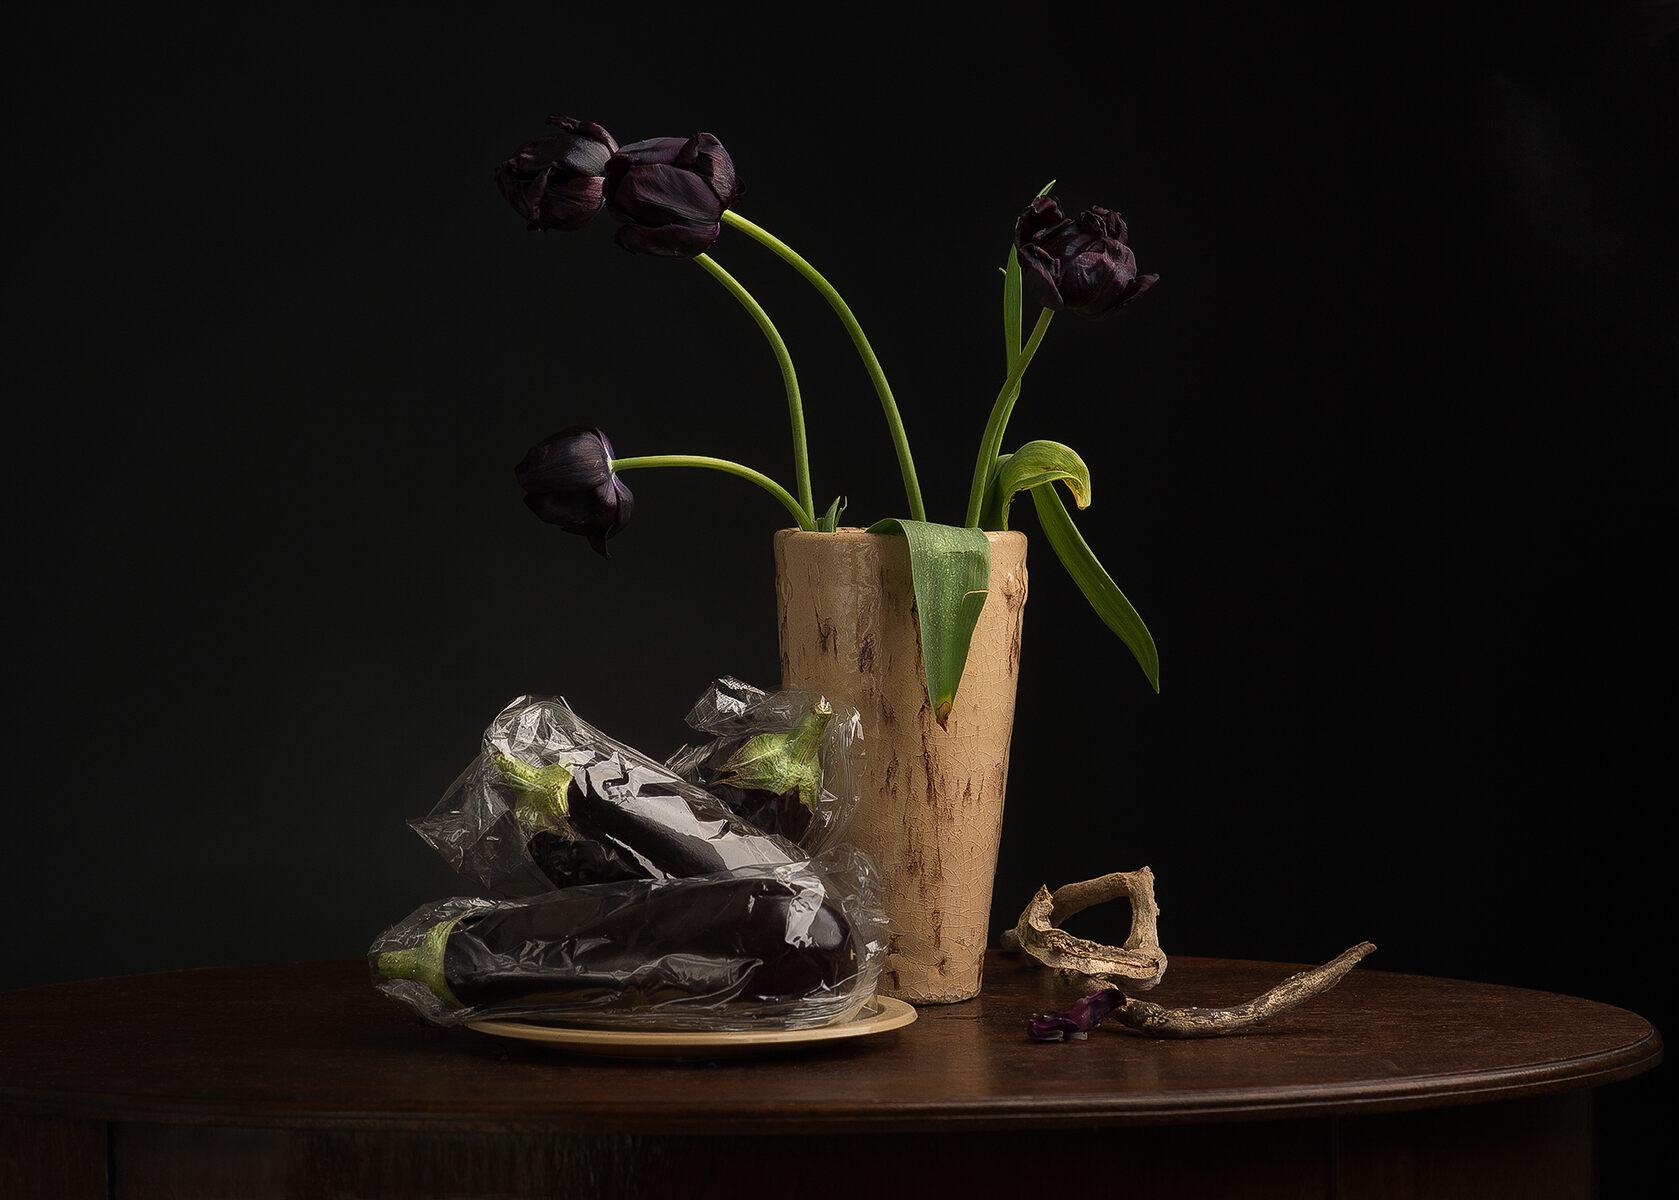 gvv, Ursula  'Eggplant foto op dibond'  foto op dibond